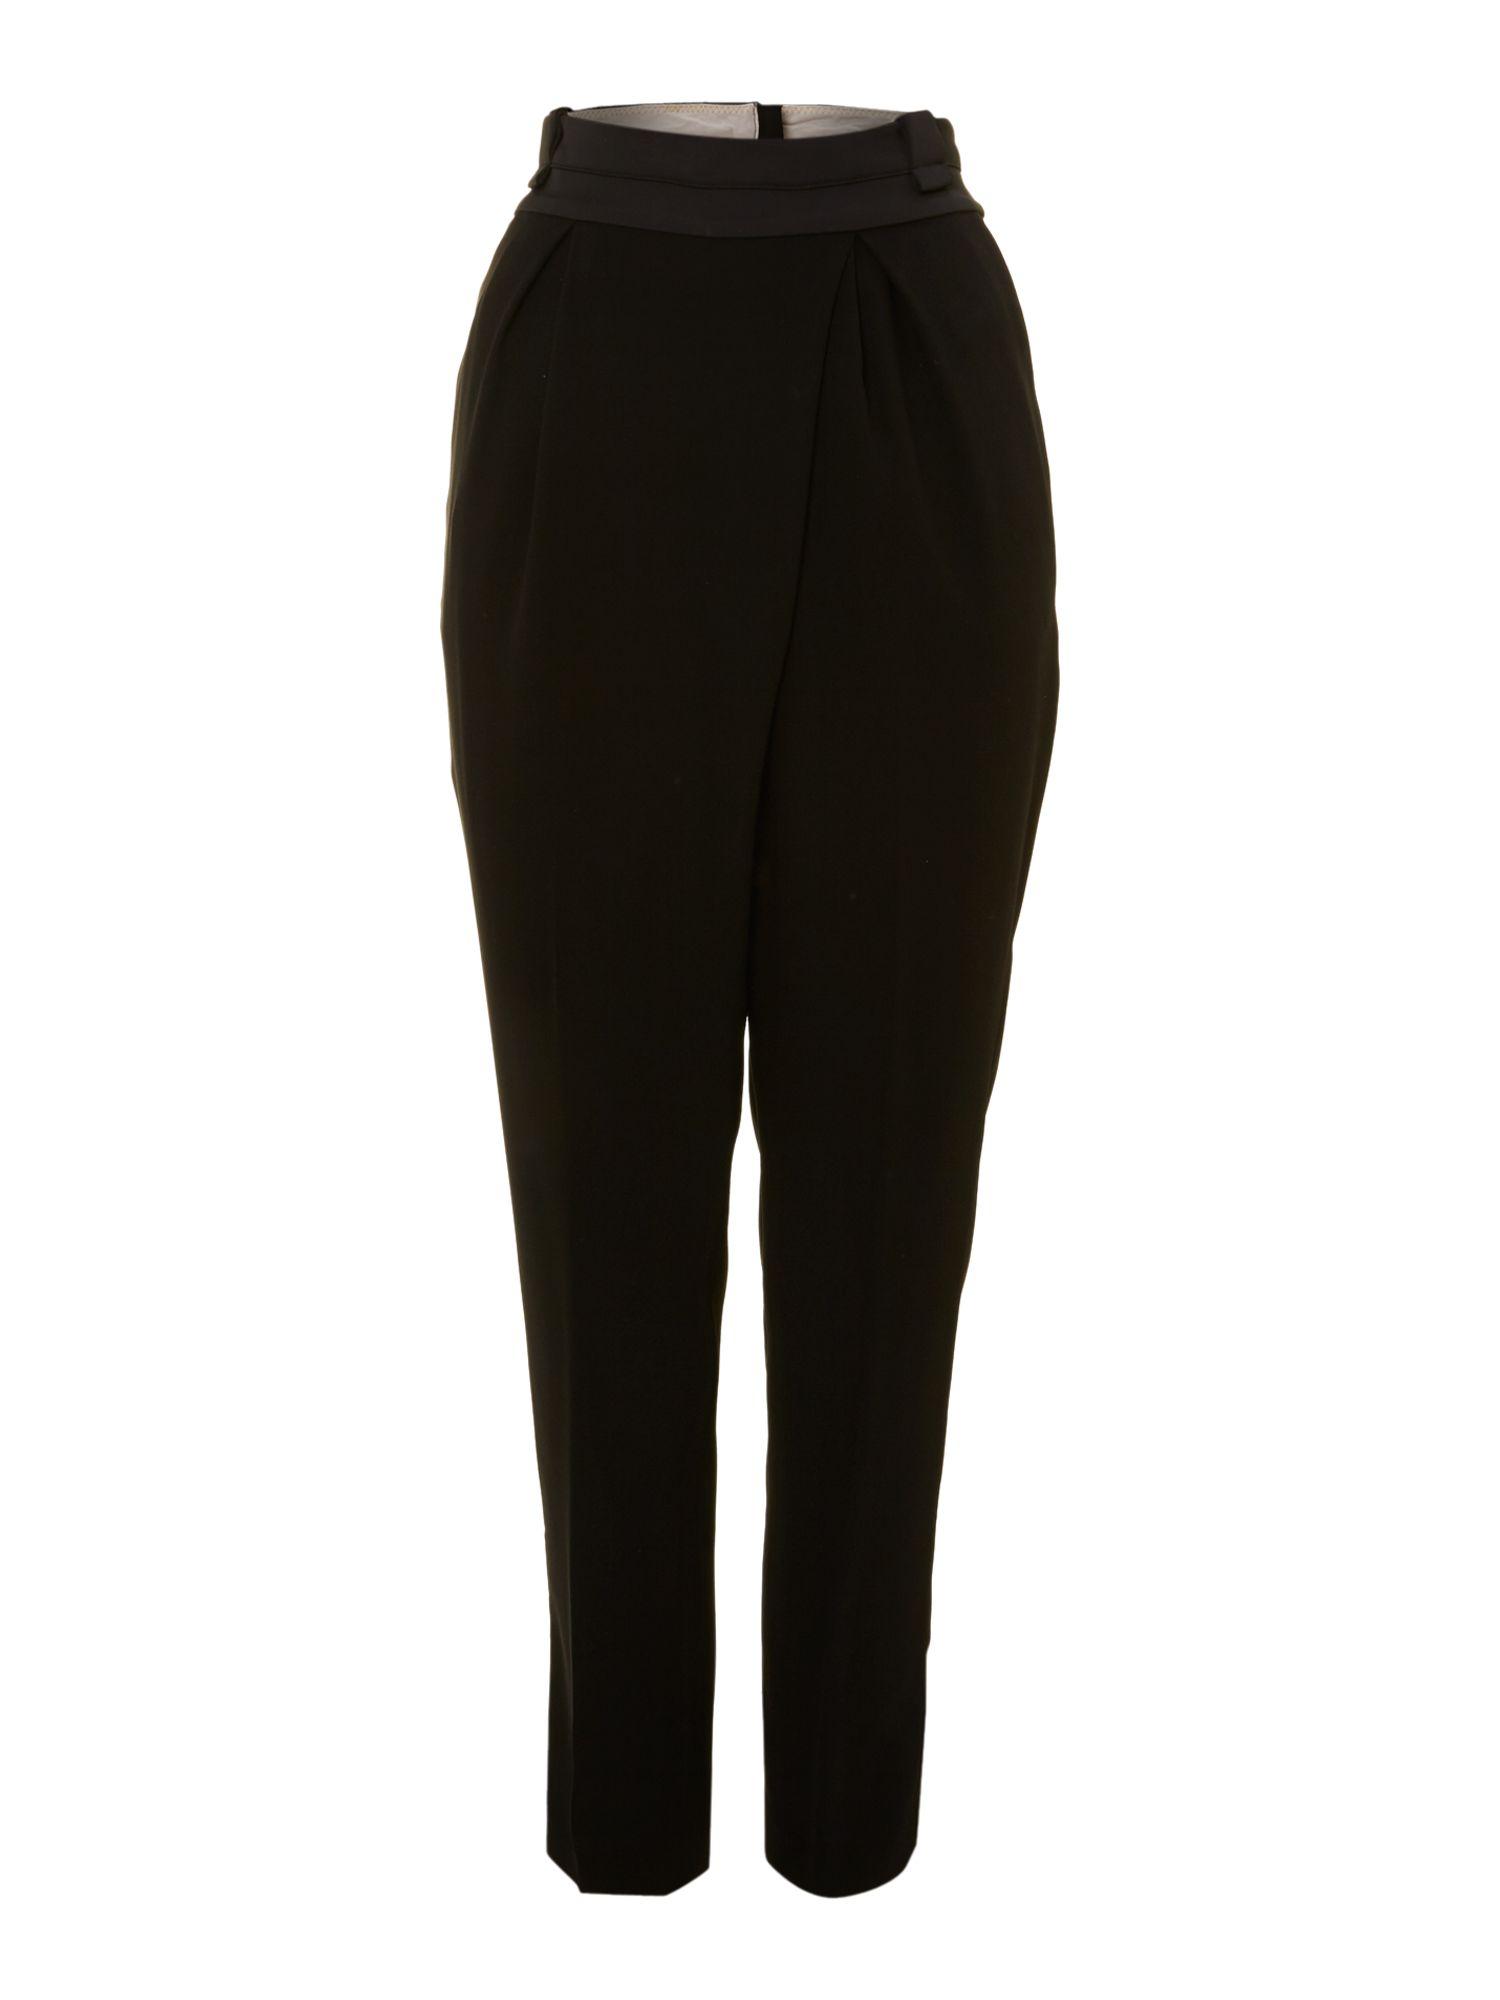 lyst day birger et mikkelsen day gabardine trousers in black. Black Bedroom Furniture Sets. Home Design Ideas